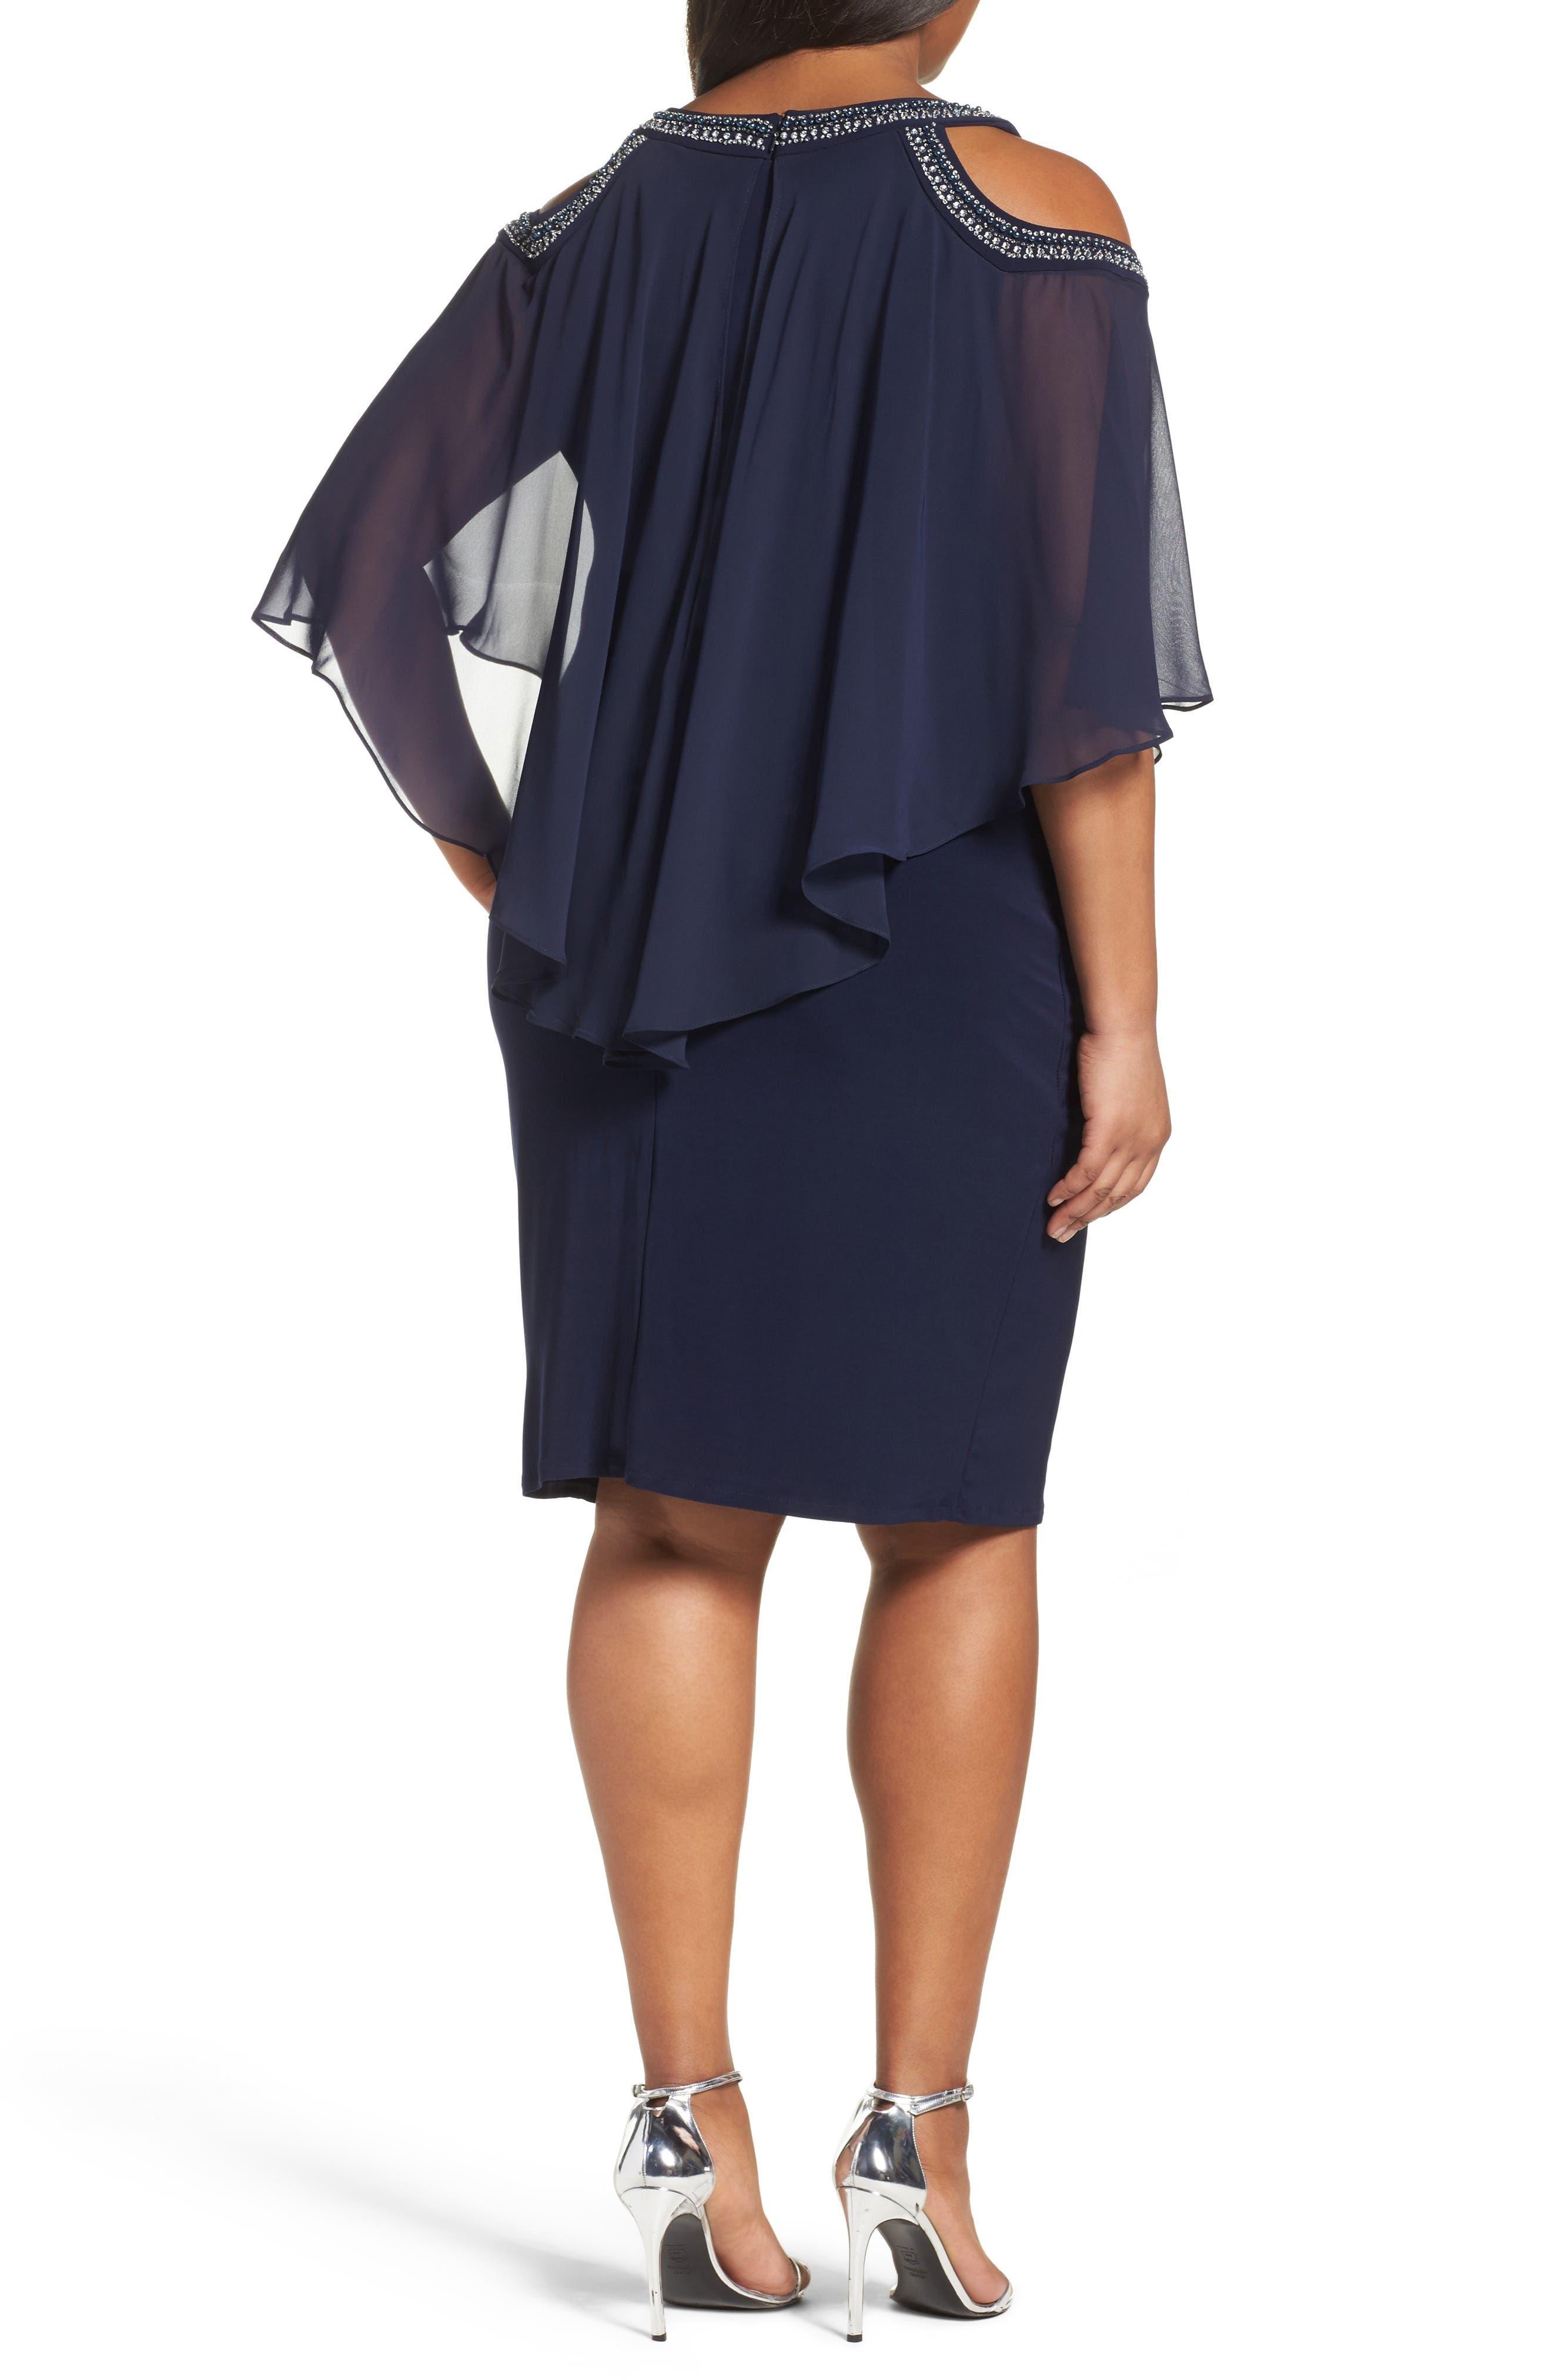 Embellished Cold Shoulder Overlay Cocktail Dress,                             Alternate thumbnail 2, color,                             410